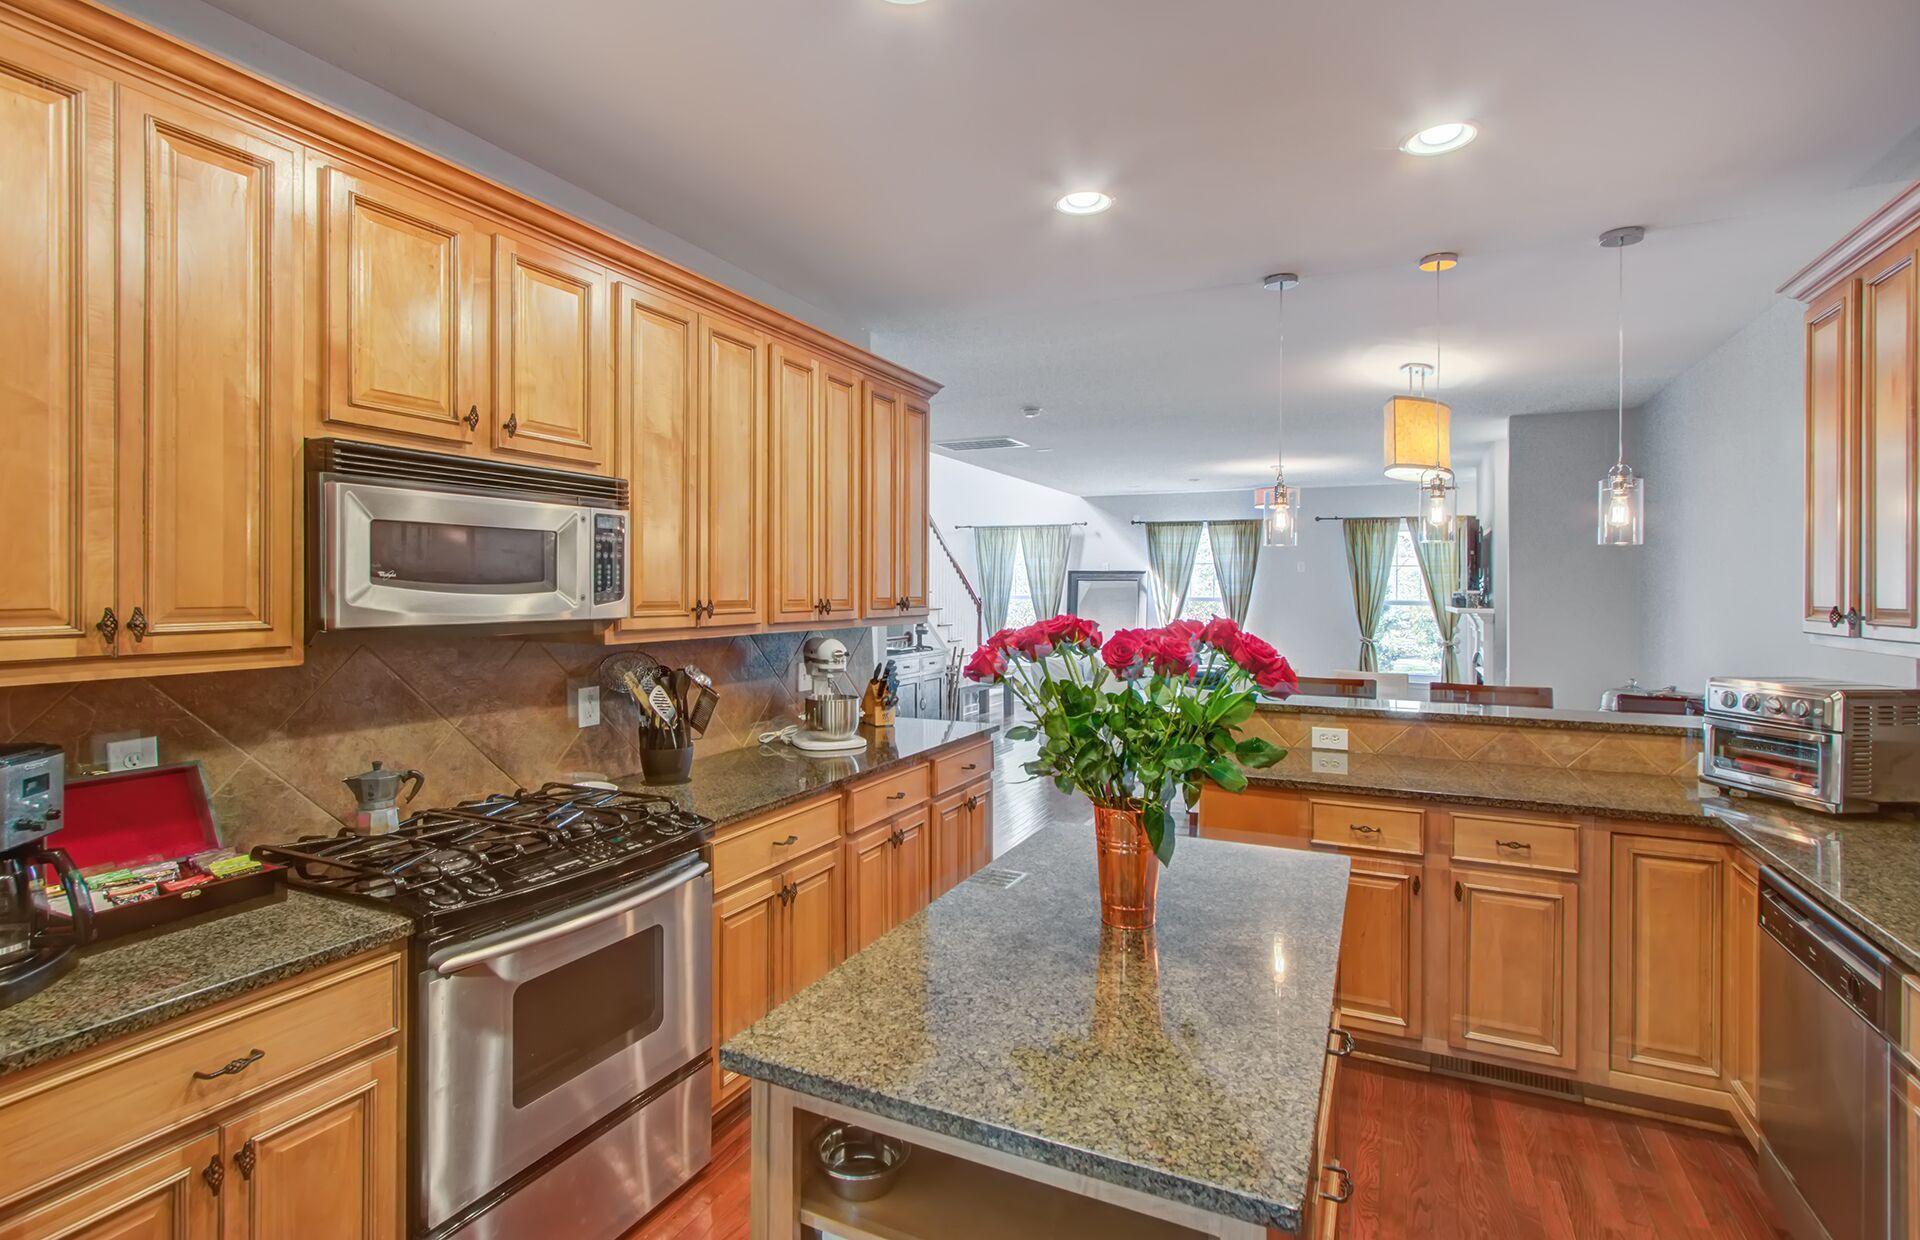 Dunes West Homes For Sale - 100 Fair Sailing, Mount Pleasant, SC - 11